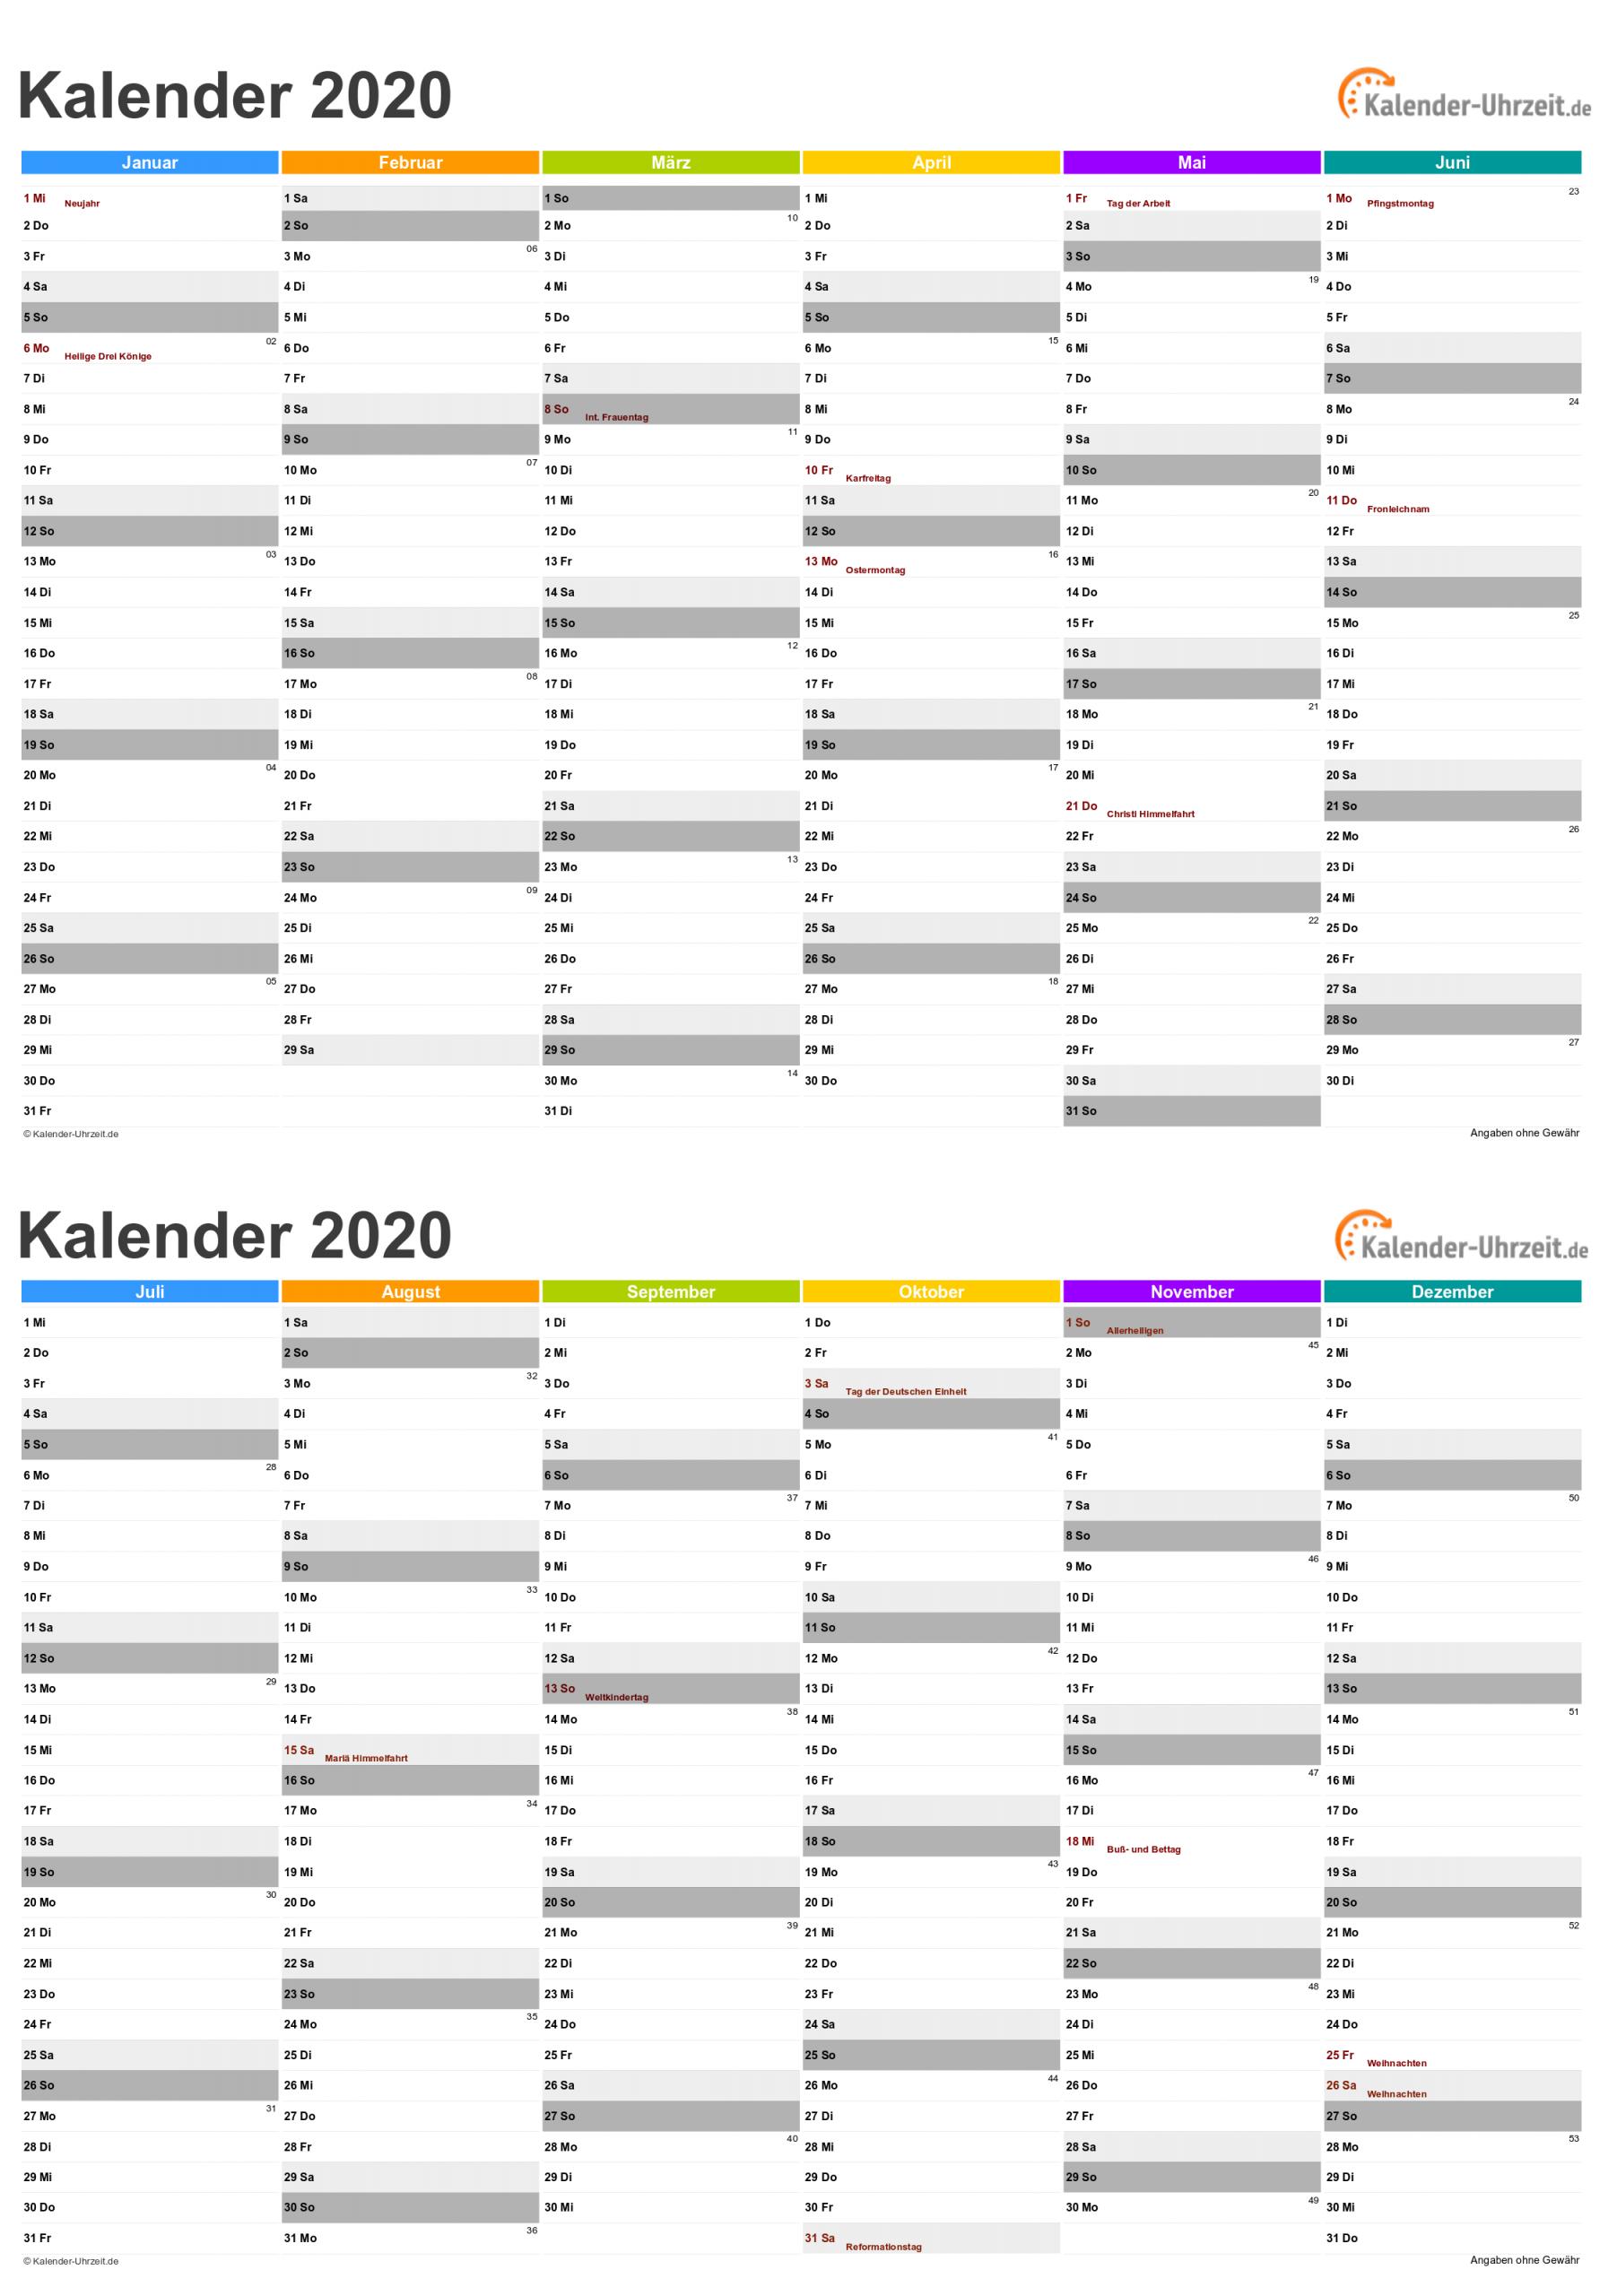 Kalender 2020 Zum Ausdrucken - Kostenlos mit Monatskalender Vorlage